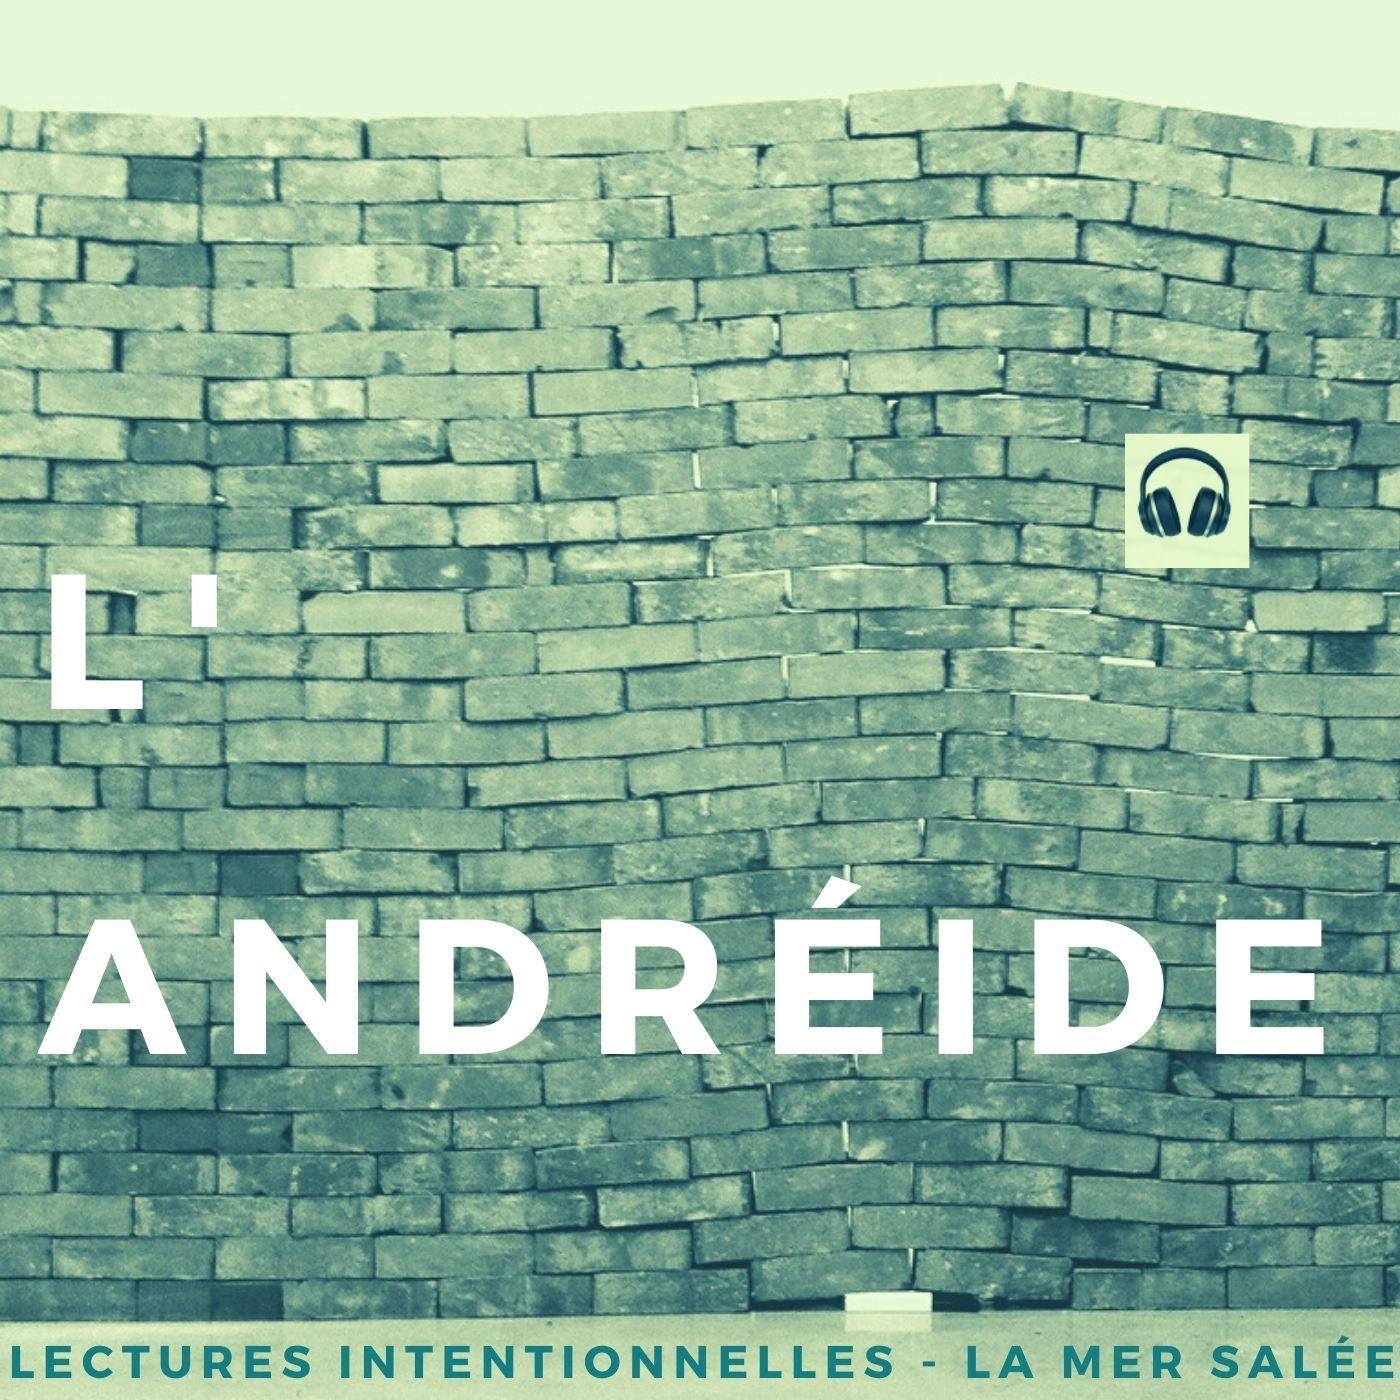 L'andréide, d'Alexis Fichet - Extrait 1